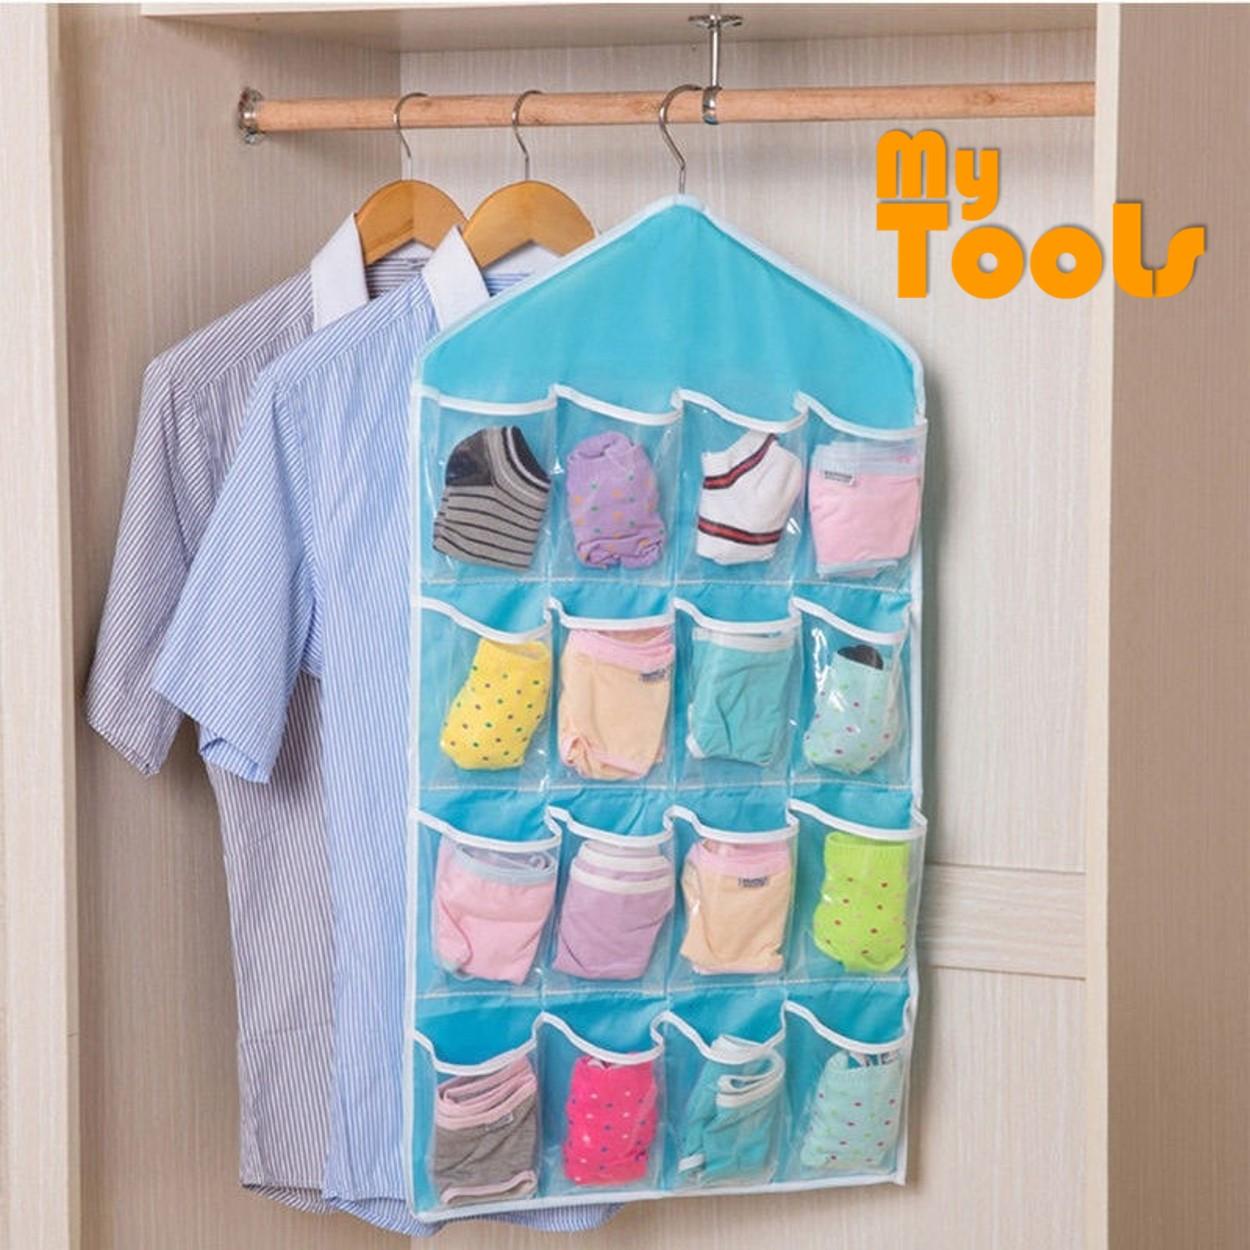 Mytools 16 Pockets Grids Door Hanging Bag Shoe Rack Hanger Storage Organizer